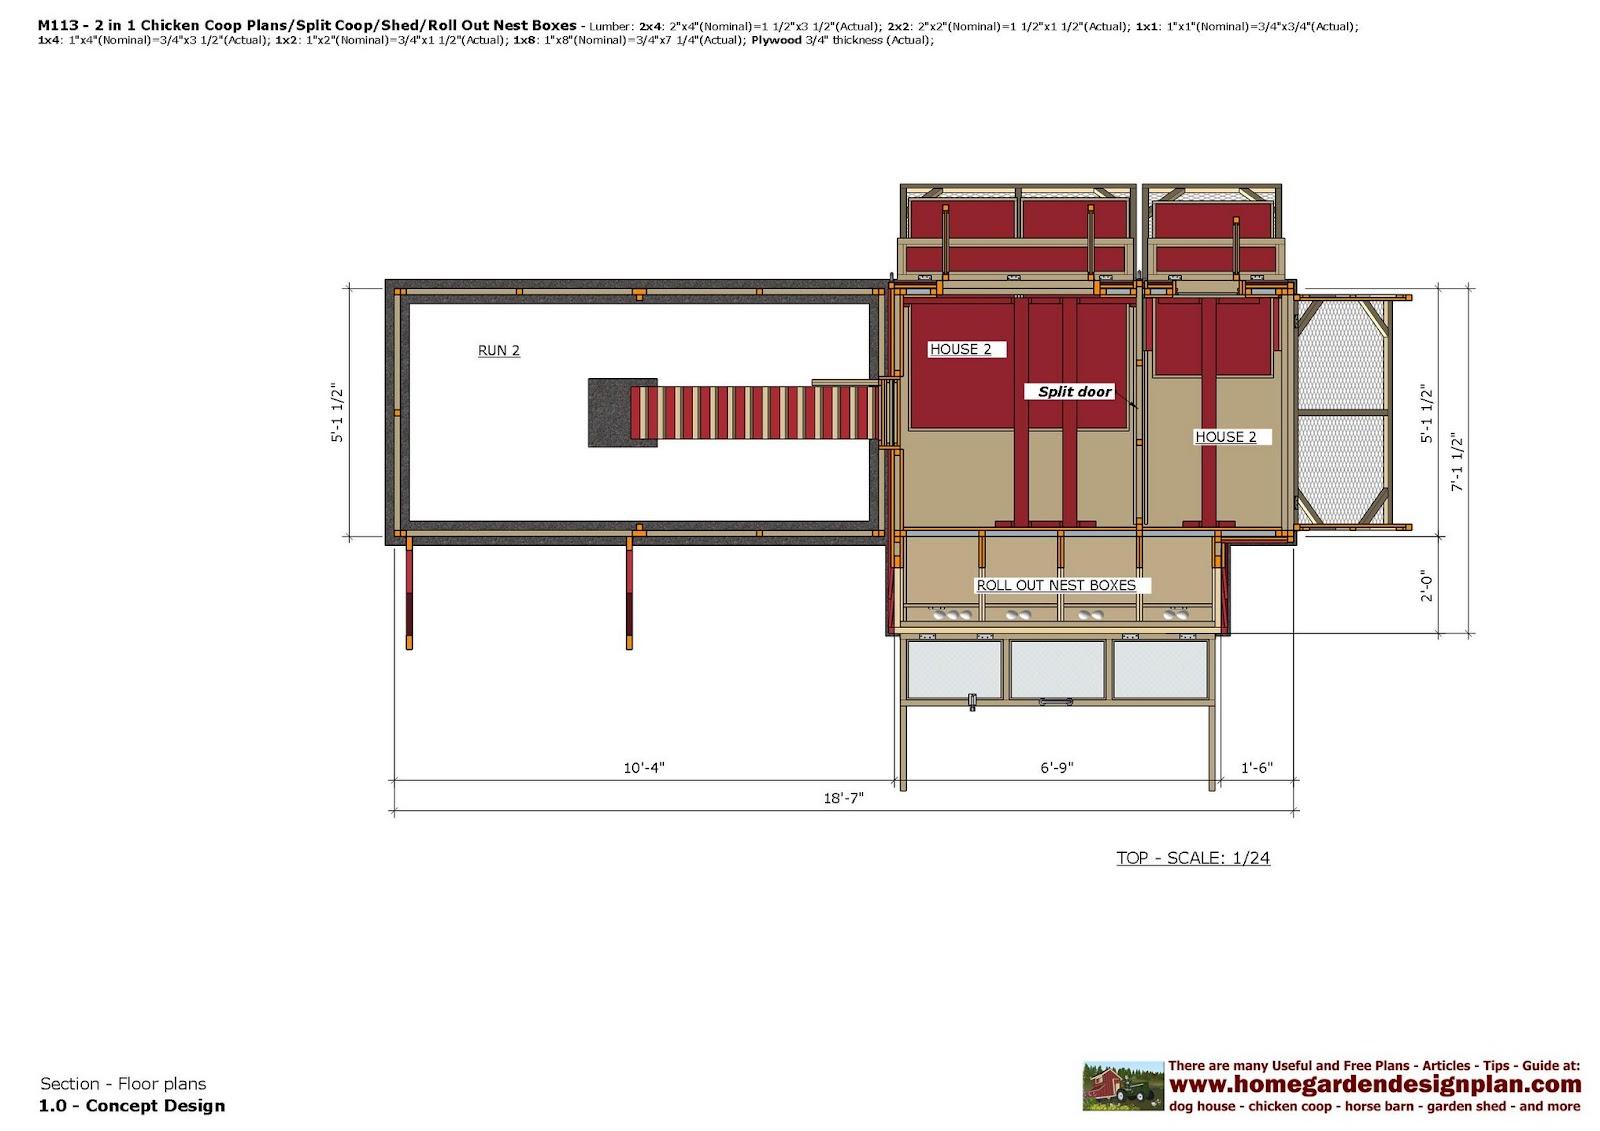 Home Garden Plans M113 2 In 1 Chicken Coop Plans